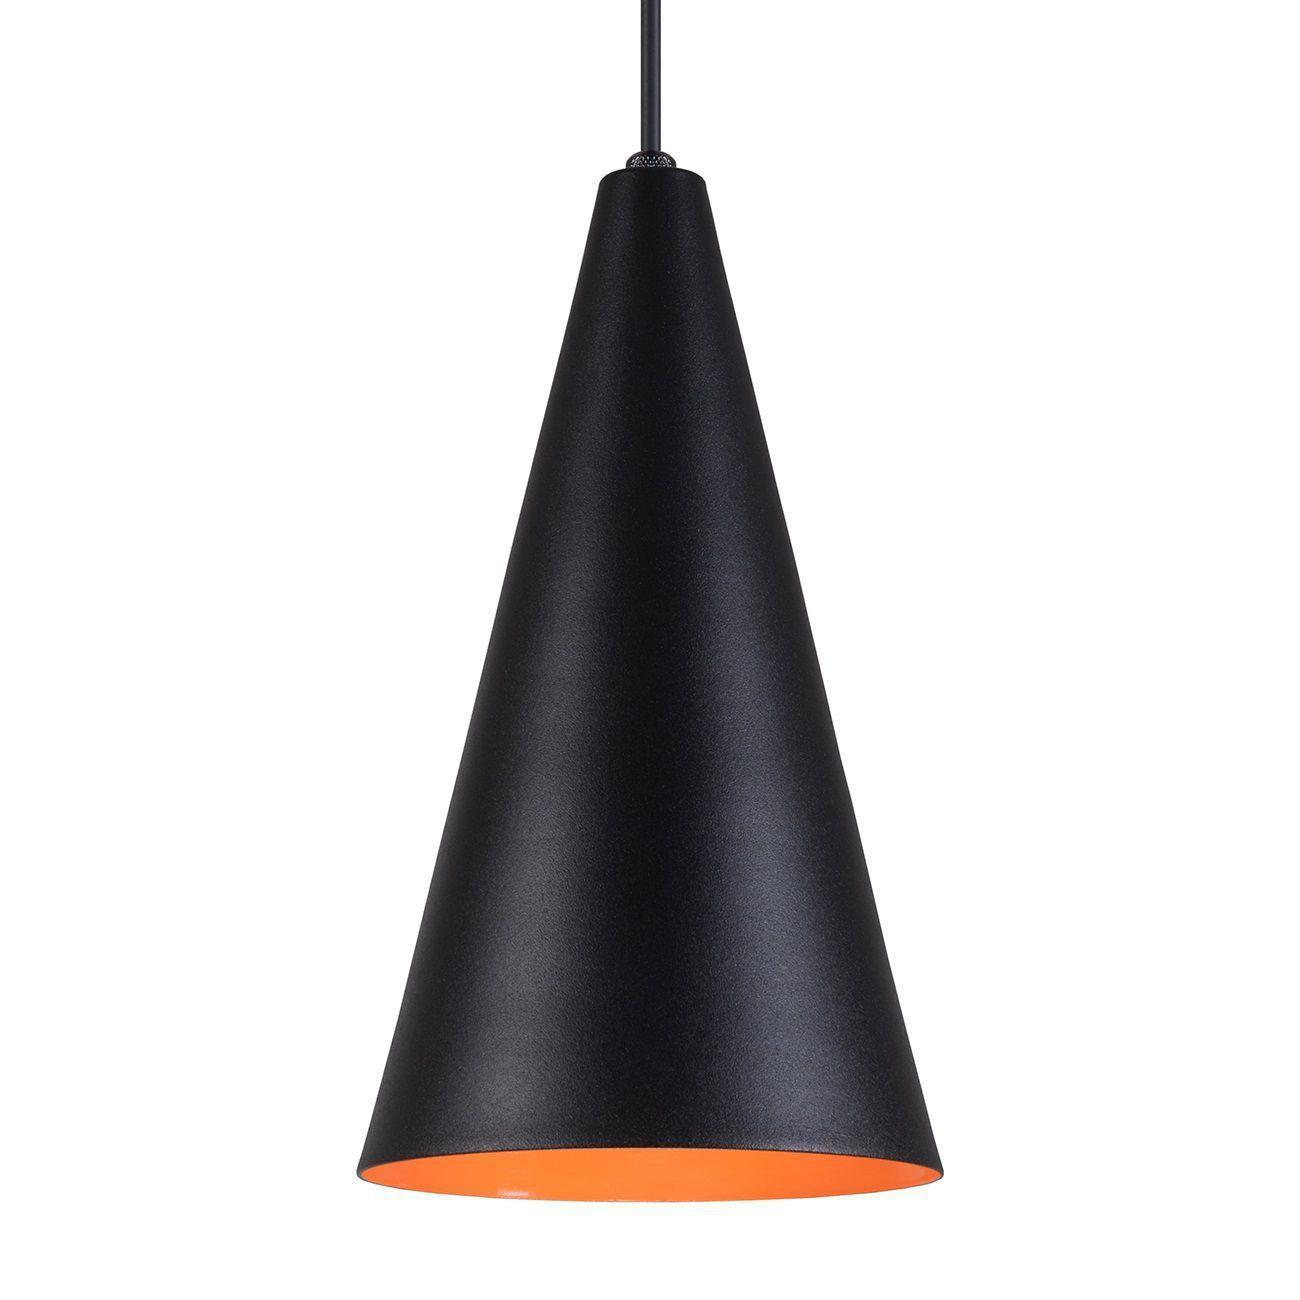 Pendente Cone Luminária Lustre Alumínio Preto Textura C/ Laranja - Rei Da Iluminação